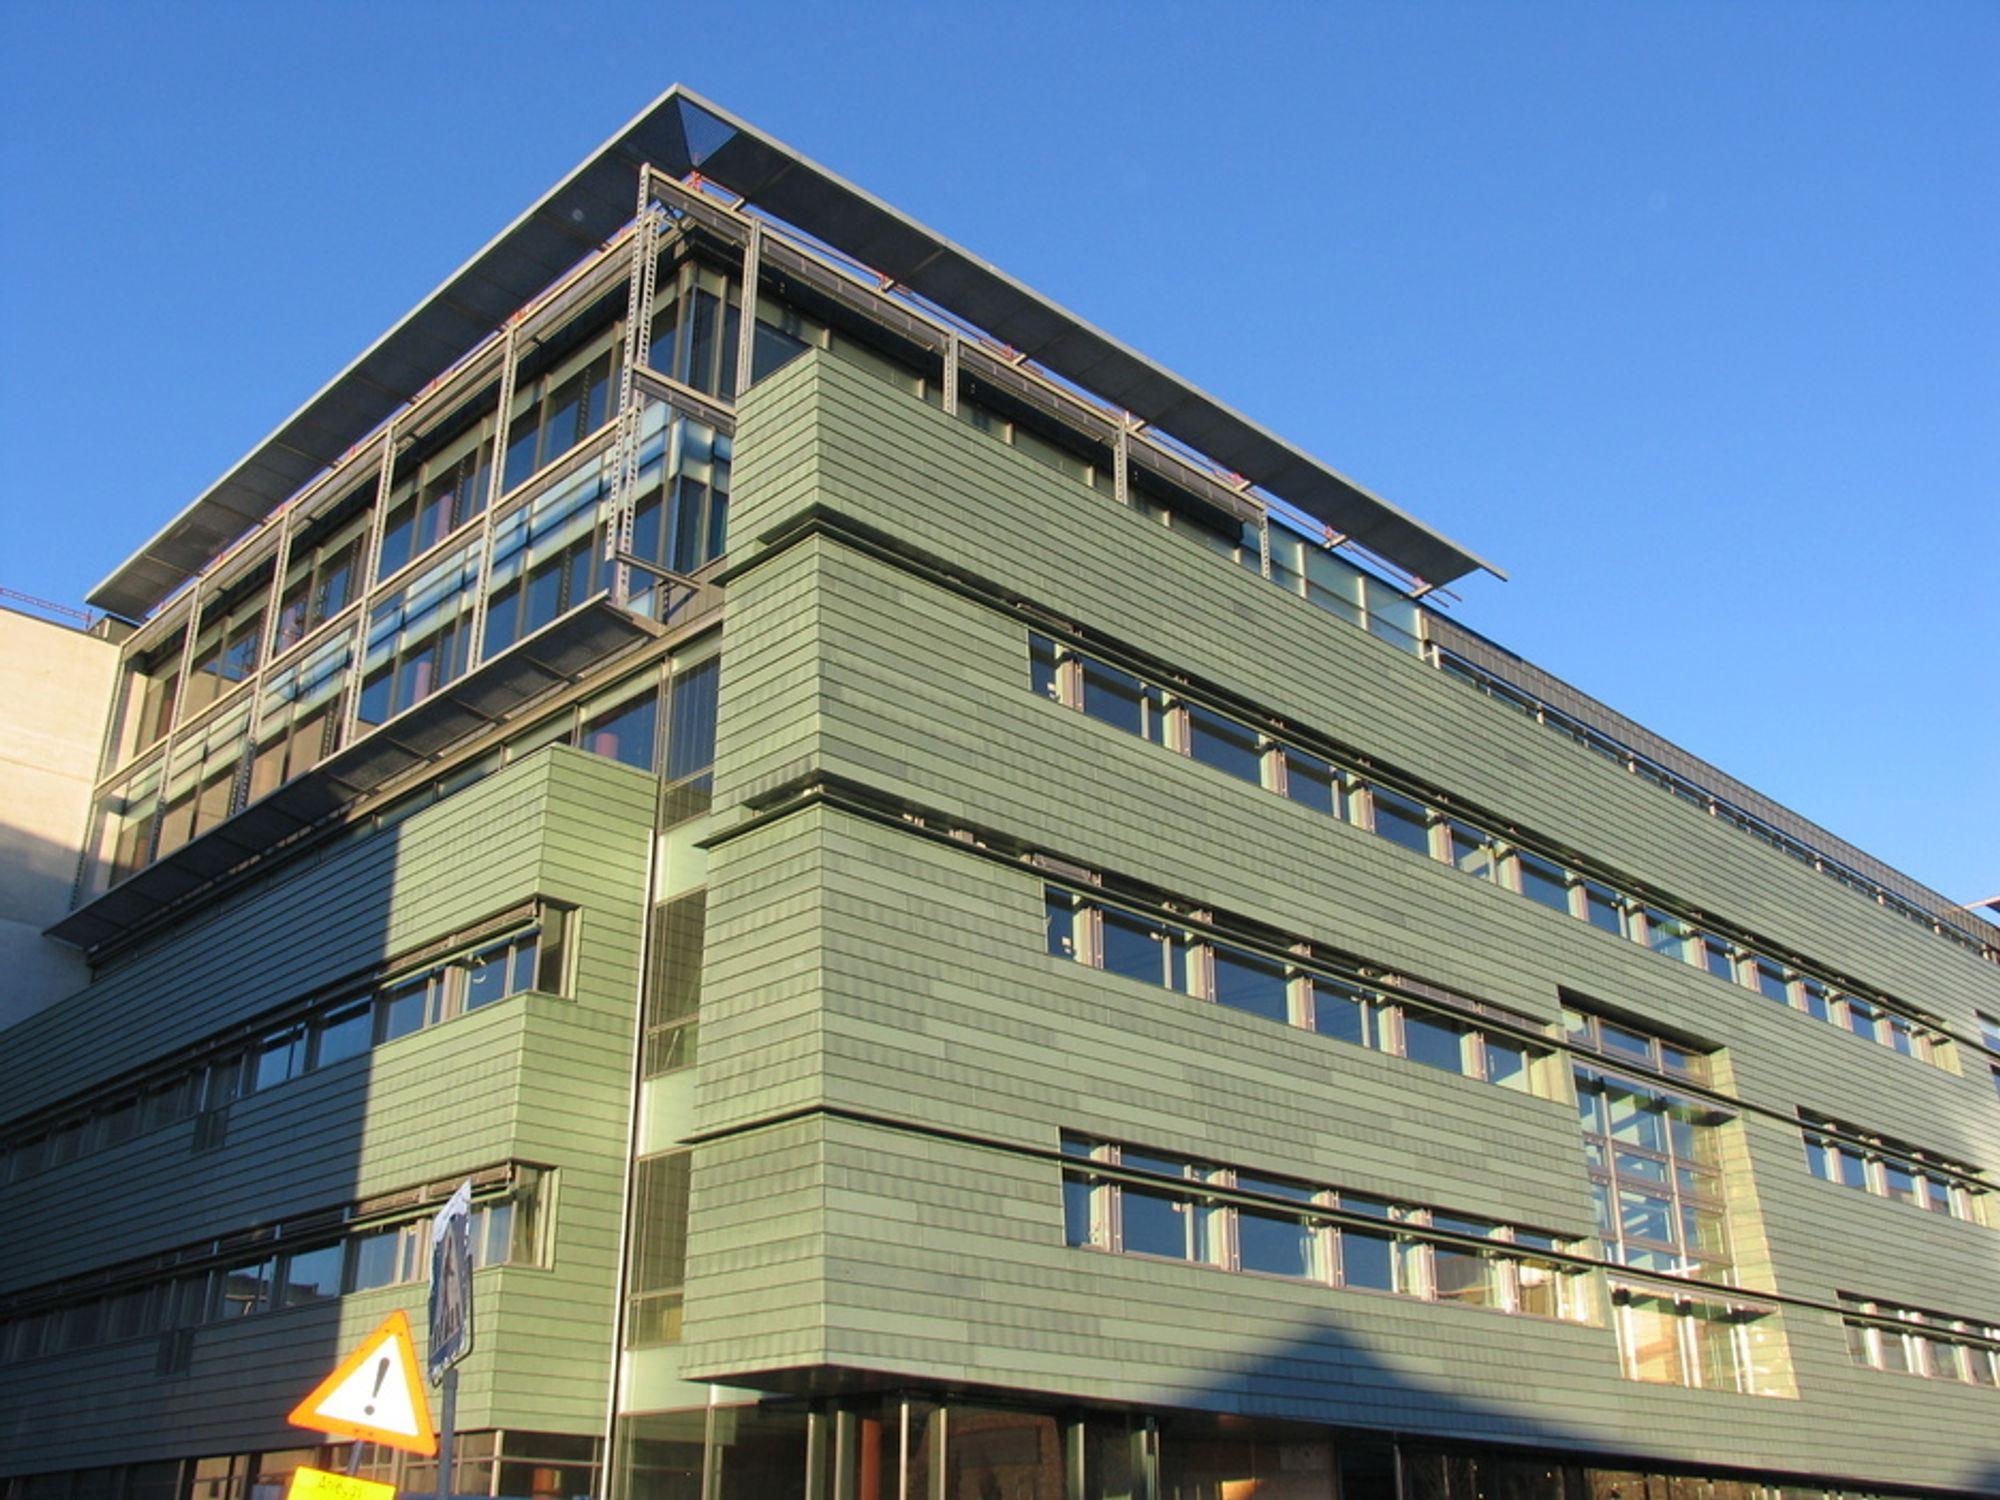 BIs nye storstue i Oslo er bygget etter moderne energiøkonomiske prinsipper. Nye krav i lovverket skal sikre at også alle andre nye bygninger i Norge skal følge visse energiøkonomiske krav.